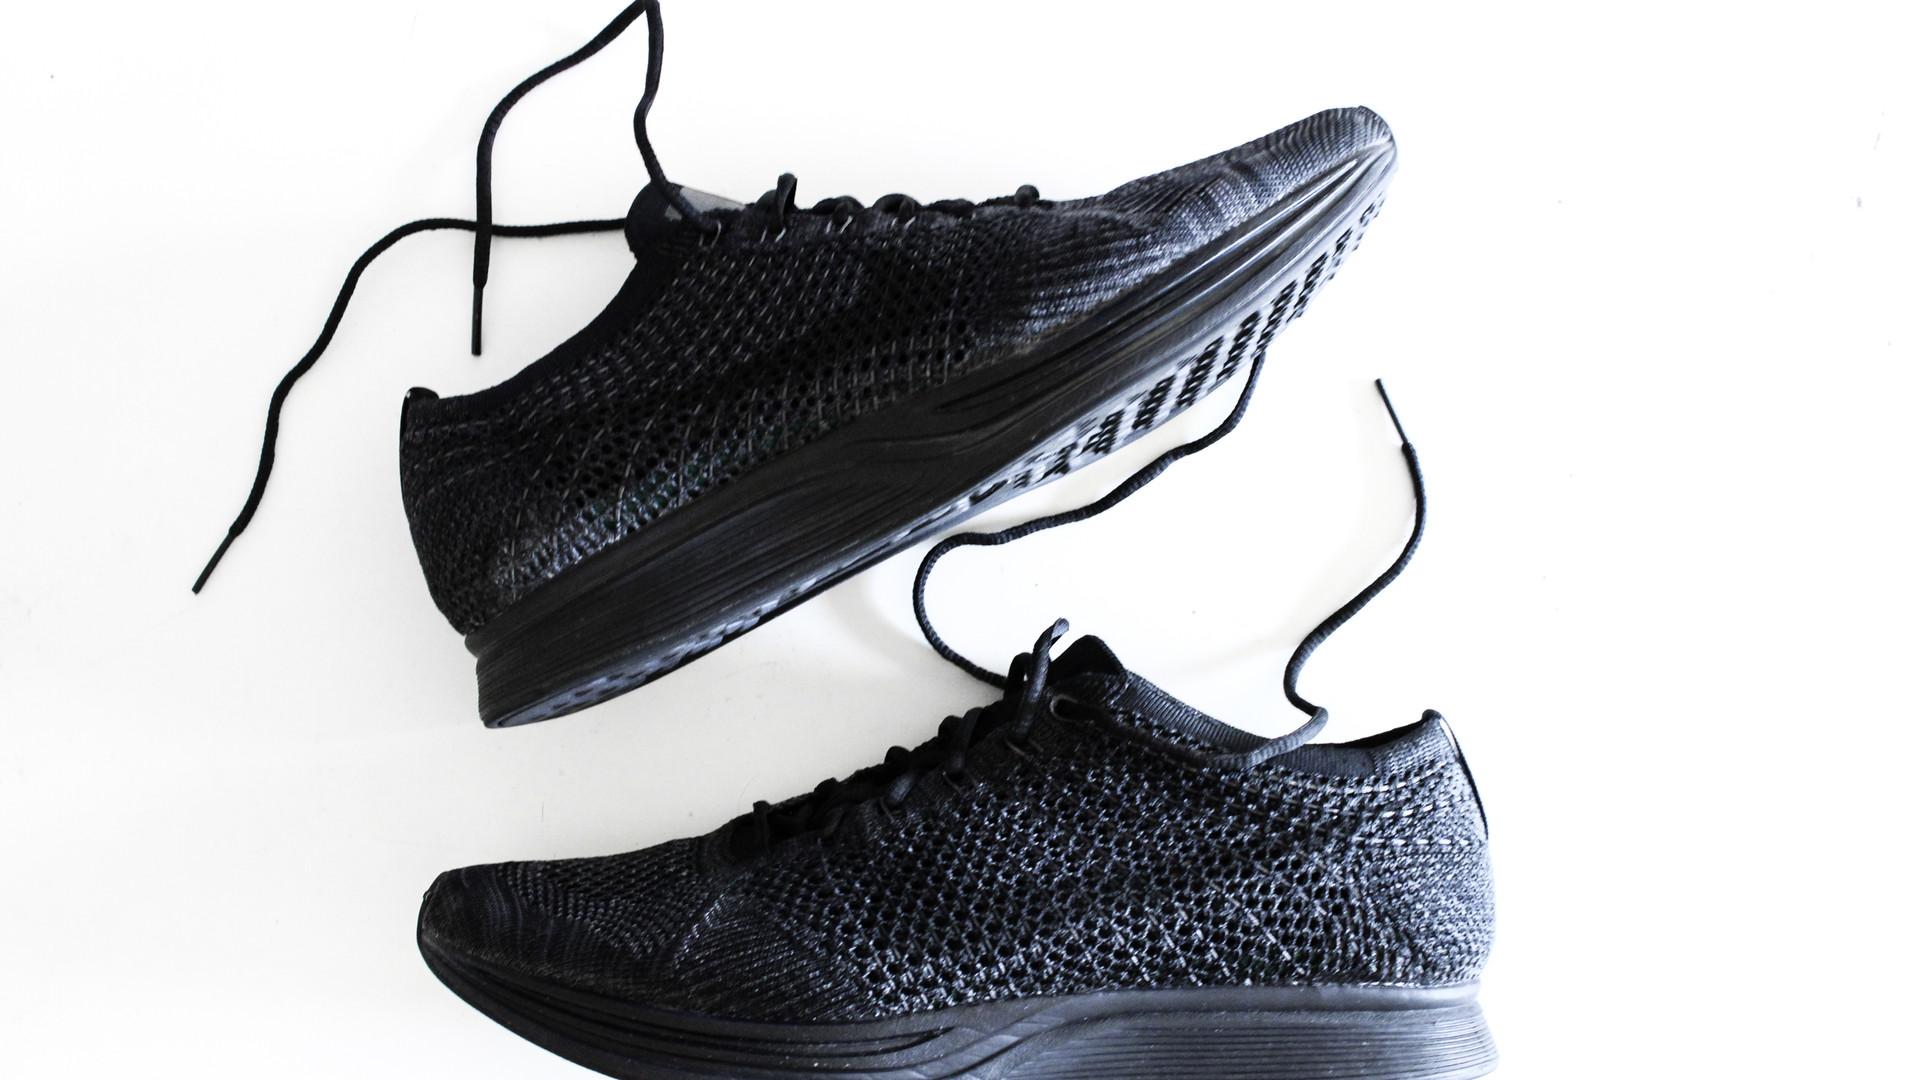 Nike Flyknit Racer - Triple Black